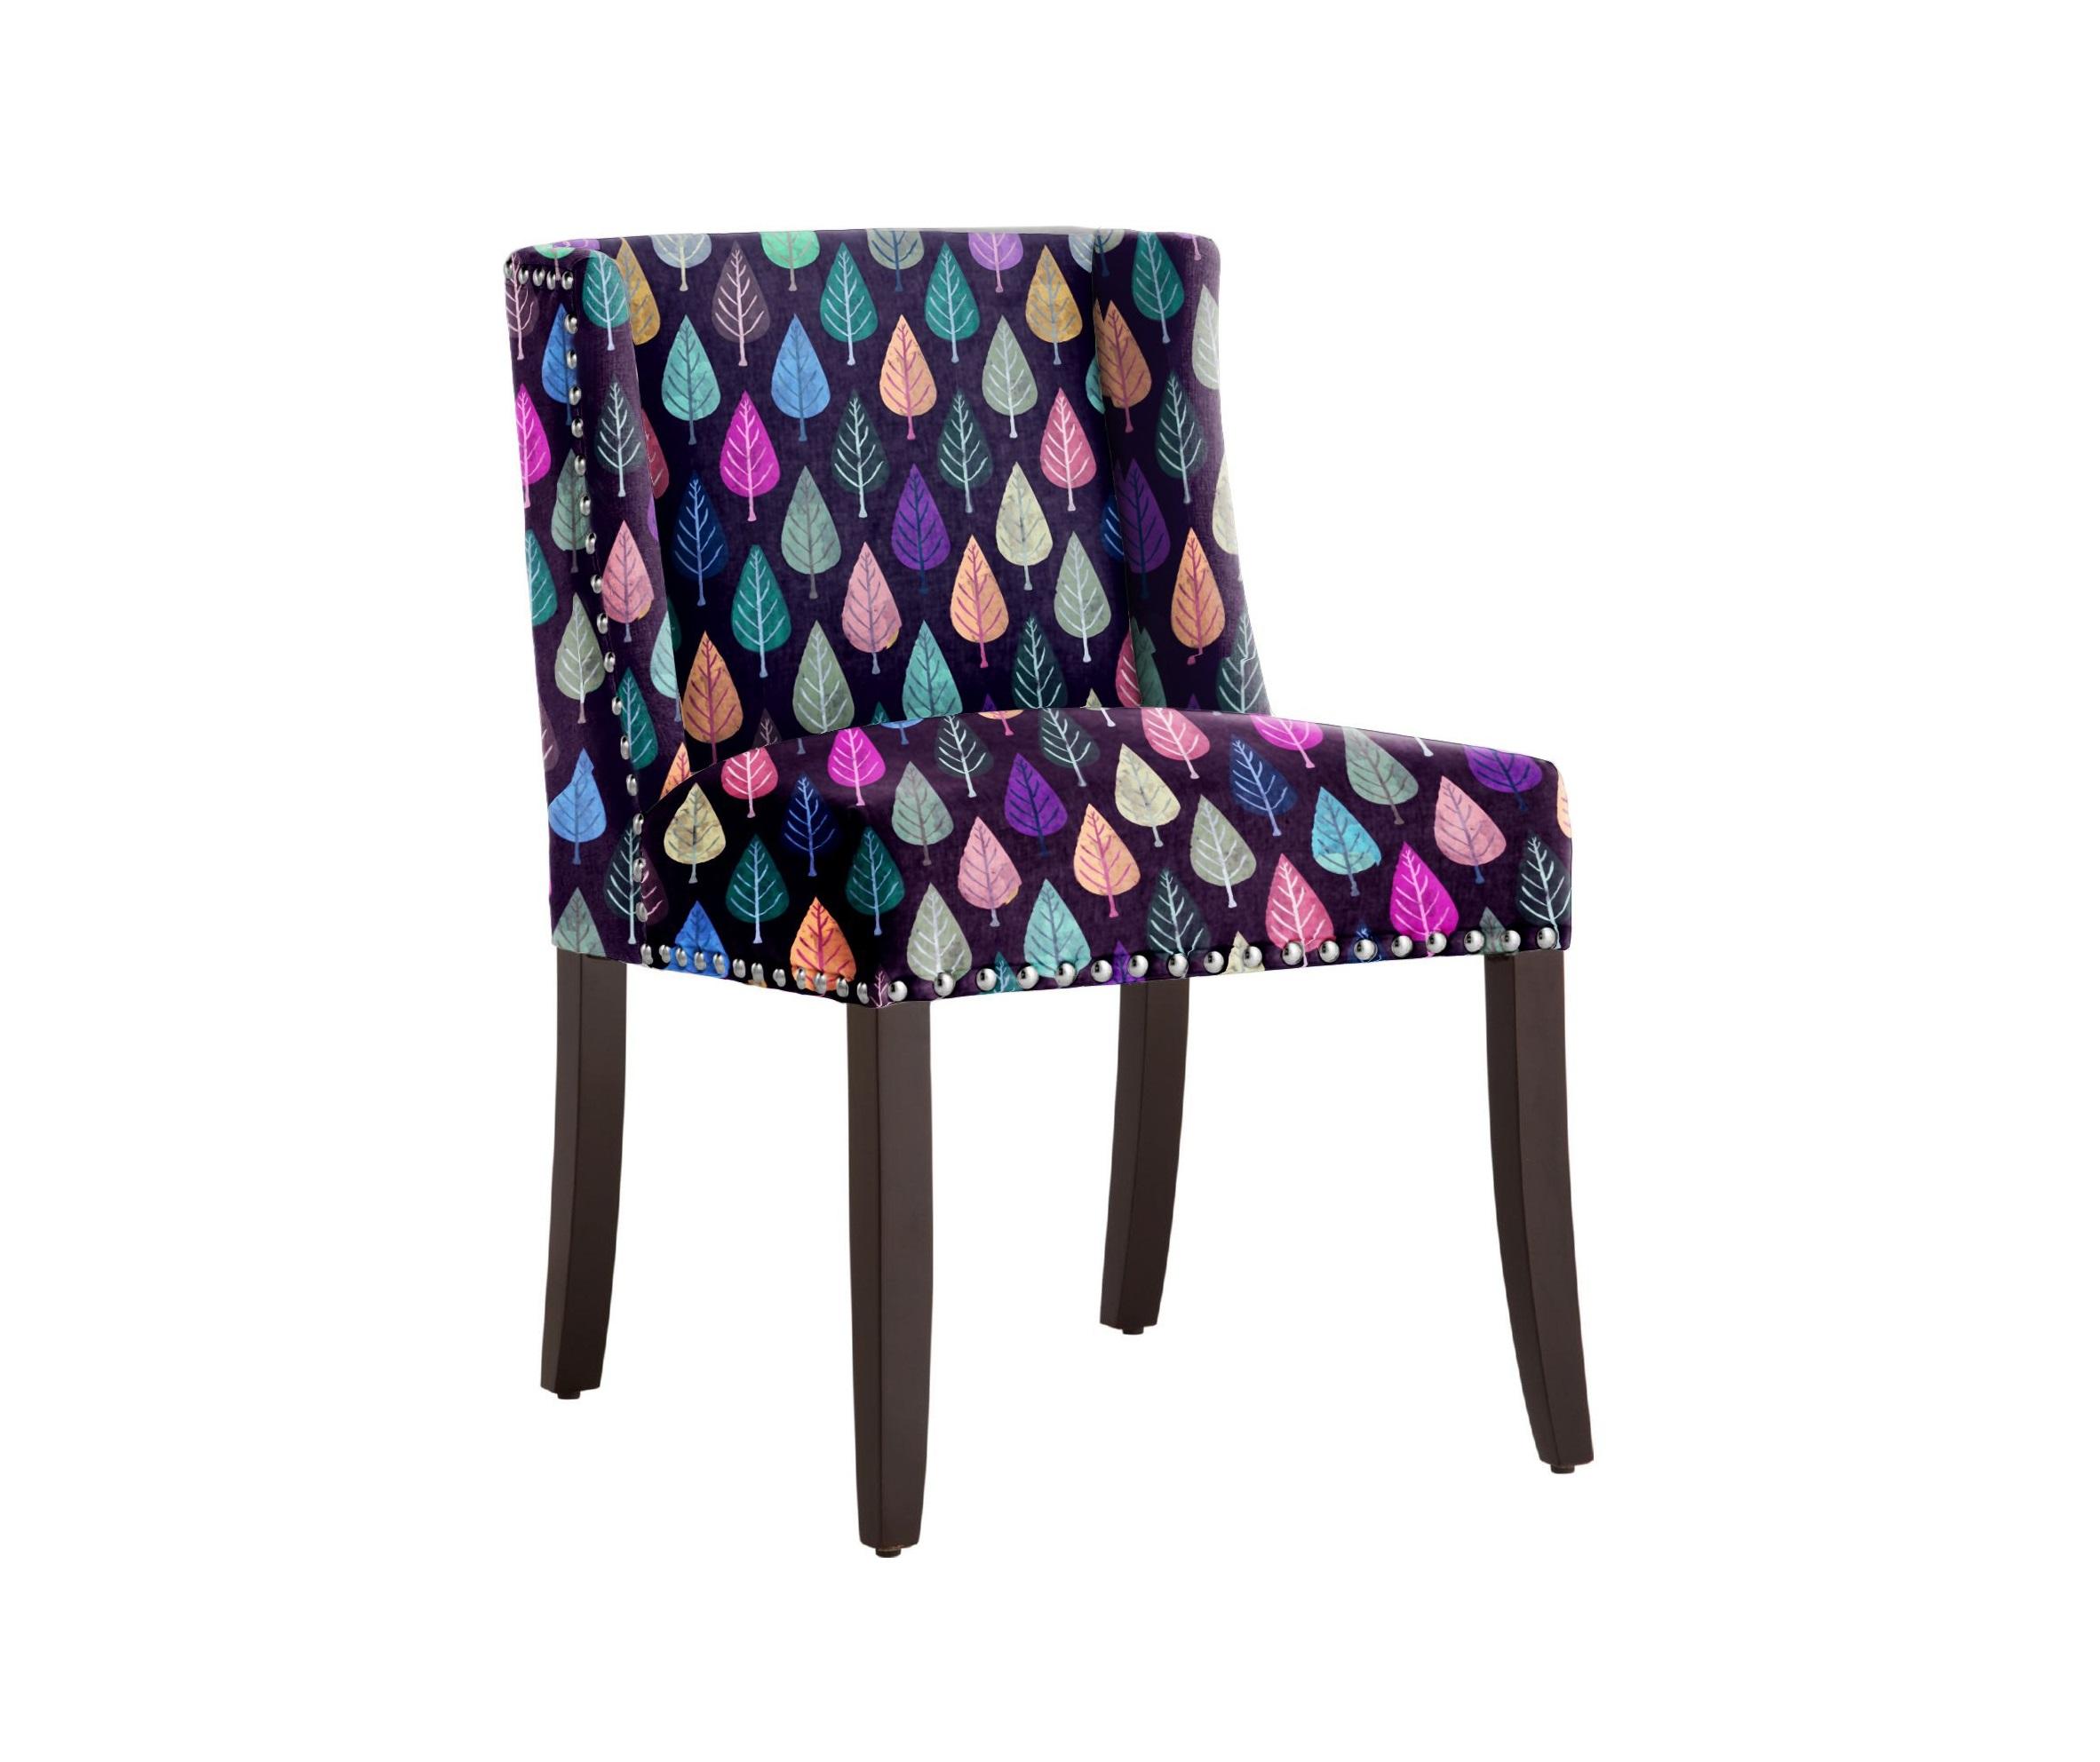 Полукресло  Chameleo LeafПолукресла<br>Уникальный дизайн. Полукресло-стул с принтом супер талантливого художника из Бангладеш Amir Faysal. Амир популярен во всем мире и эксклюзивно сотрудничает с Российским брендом ICON DESIGNE. Эти стулья можно использовать как в гостинной, так и в столовой! Идеально впишутся в интерьер! Произвдено из экологически чистых материалов. Каркас ,ножки  - дуб. Модель представлена в ткани микровелюр – мягкий, бархатистый материал, широко используемый в качестве обивки для мебели. Обладает целым рядом замечательных свойств: отлично пропускает воздух, отталкивает пыль и долго сохраняет изначальный цвет, не протираясь и не выцветая. Высокие эксплуатационные свойства в сочетании с превосходным дизайном обеспечили микровелюру большую популярность.&amp;amp;nbsp;&amp;lt;div&amp;gt;&amp;lt;br&amp;gt;&amp;lt;/div&amp;gt;&amp;lt;div&amp;gt;Варианты исполнения: <br>По желанию возможность выбрать ткань из других коллекций.&amp;amp;nbsp;&amp;lt;/div&amp;gt;&amp;lt;div&amp;gt;Гарантия: от производителя 1 год&amp;amp;nbsp;&amp;lt;/div&amp;gt;&amp;lt;div&amp;gt;Гарантия от производителя&amp;amp;nbsp;&amp;lt;/div&amp;gt;&amp;lt;div&amp;gt;Материалы: дуб, текстиль.&amp;amp;nbsp;&amp;lt;/div&amp;gt;&amp;lt;div&amp;gt;Продукция изготавливается под заказ, стандартный срок производства 3-4 недели.&amp;amp;nbsp;&amp;lt;/div&amp;gt;&amp;lt;div&amp;gt;Более точную информацию уточняйте у менеджера.&amp;lt;/div&amp;gt;&amp;lt;div&amp;gt;&amp;lt;br&amp;gt;&amp;lt;/div&amp;gt;<br><br>Material: Текстиль<br>Length см: None<br>Depth см: 58<br>Height см: 82